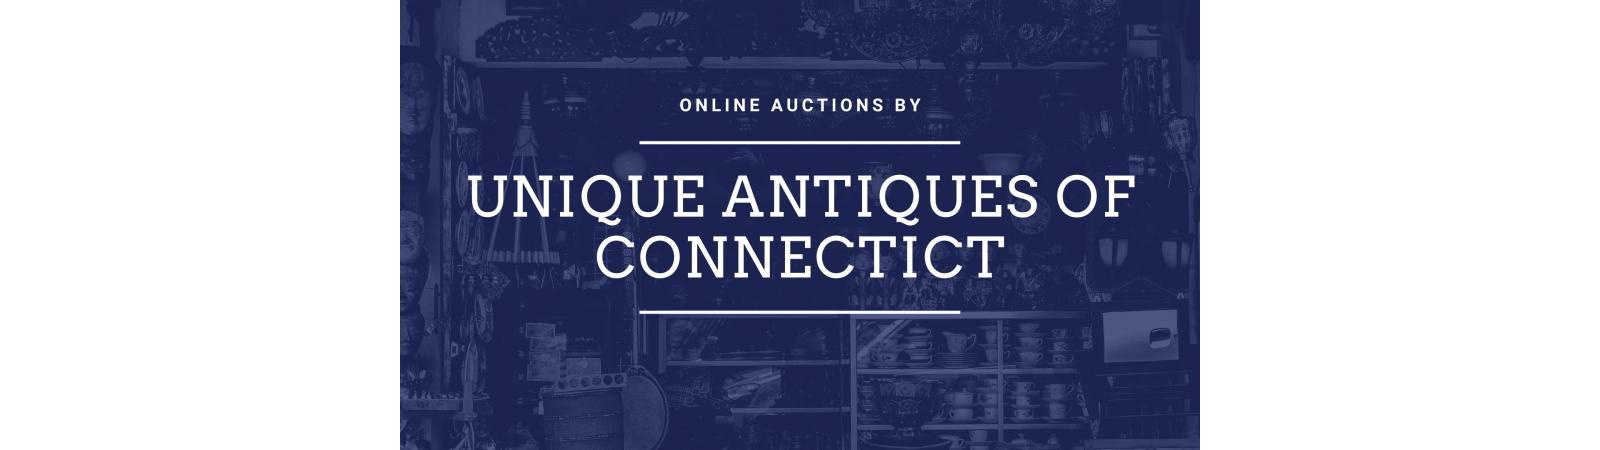 Unique Antiques of Connecticut | Auction Ninja